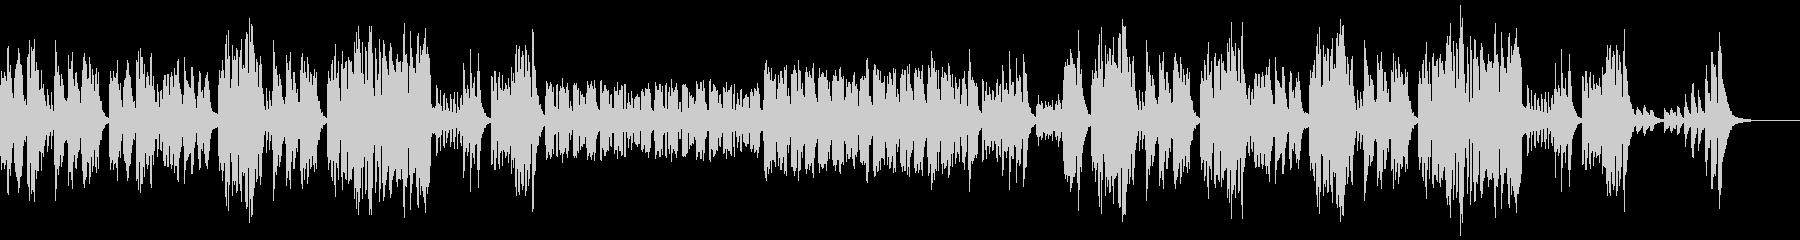 リコーダー、木琴、ほのぼのした日常曲の未再生の波形